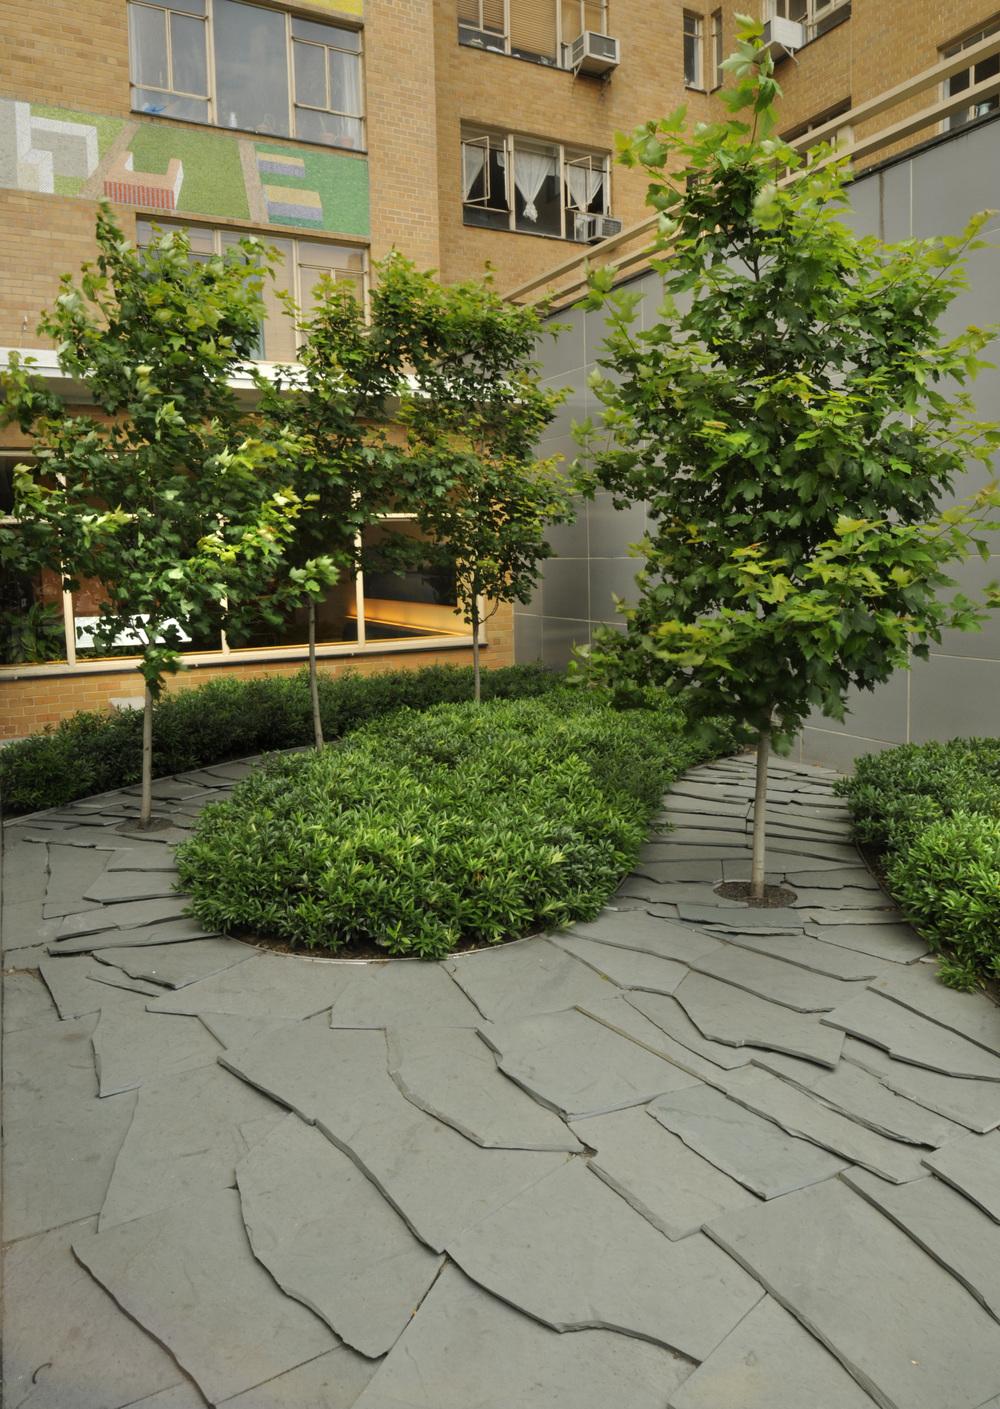 BA_240 Central Park_Mark Dye_front plantings.jpg